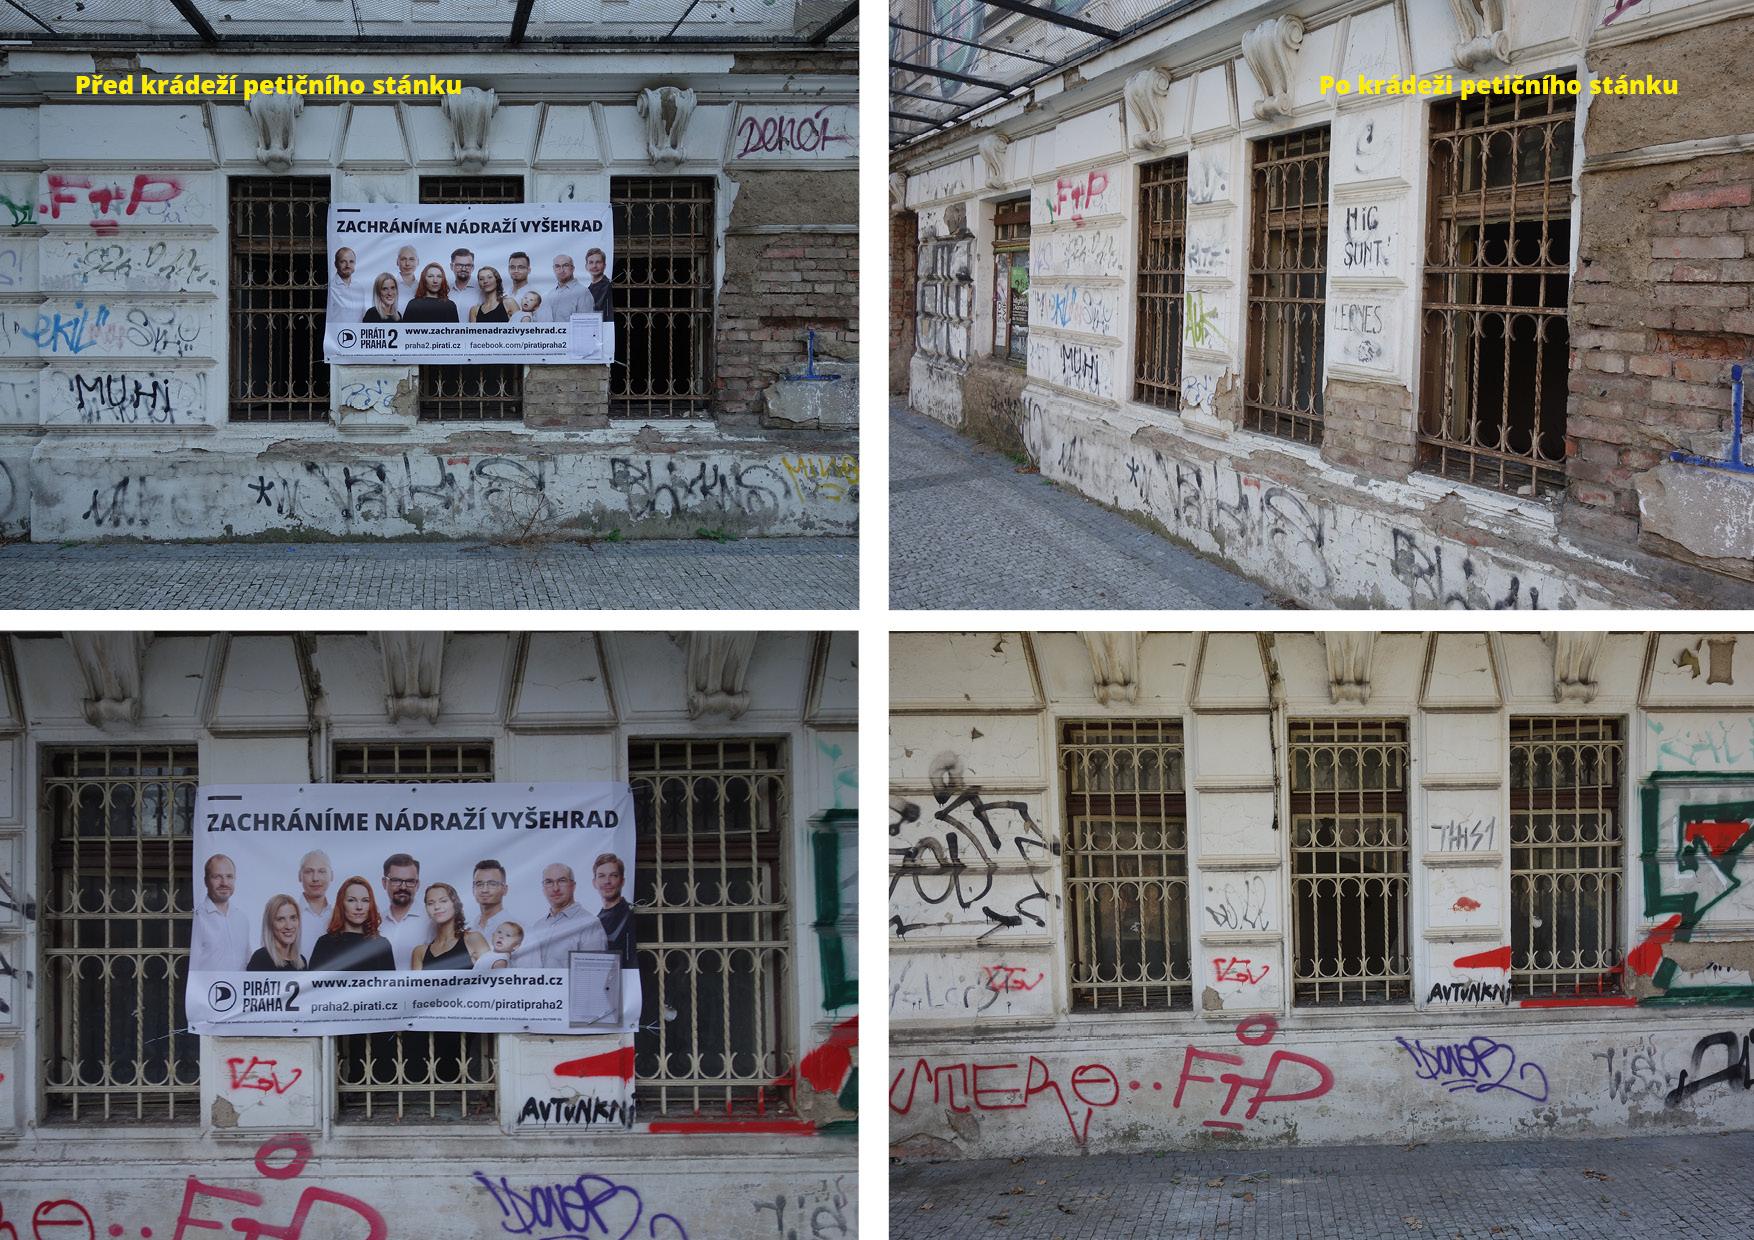 Ukradené petiční stánky